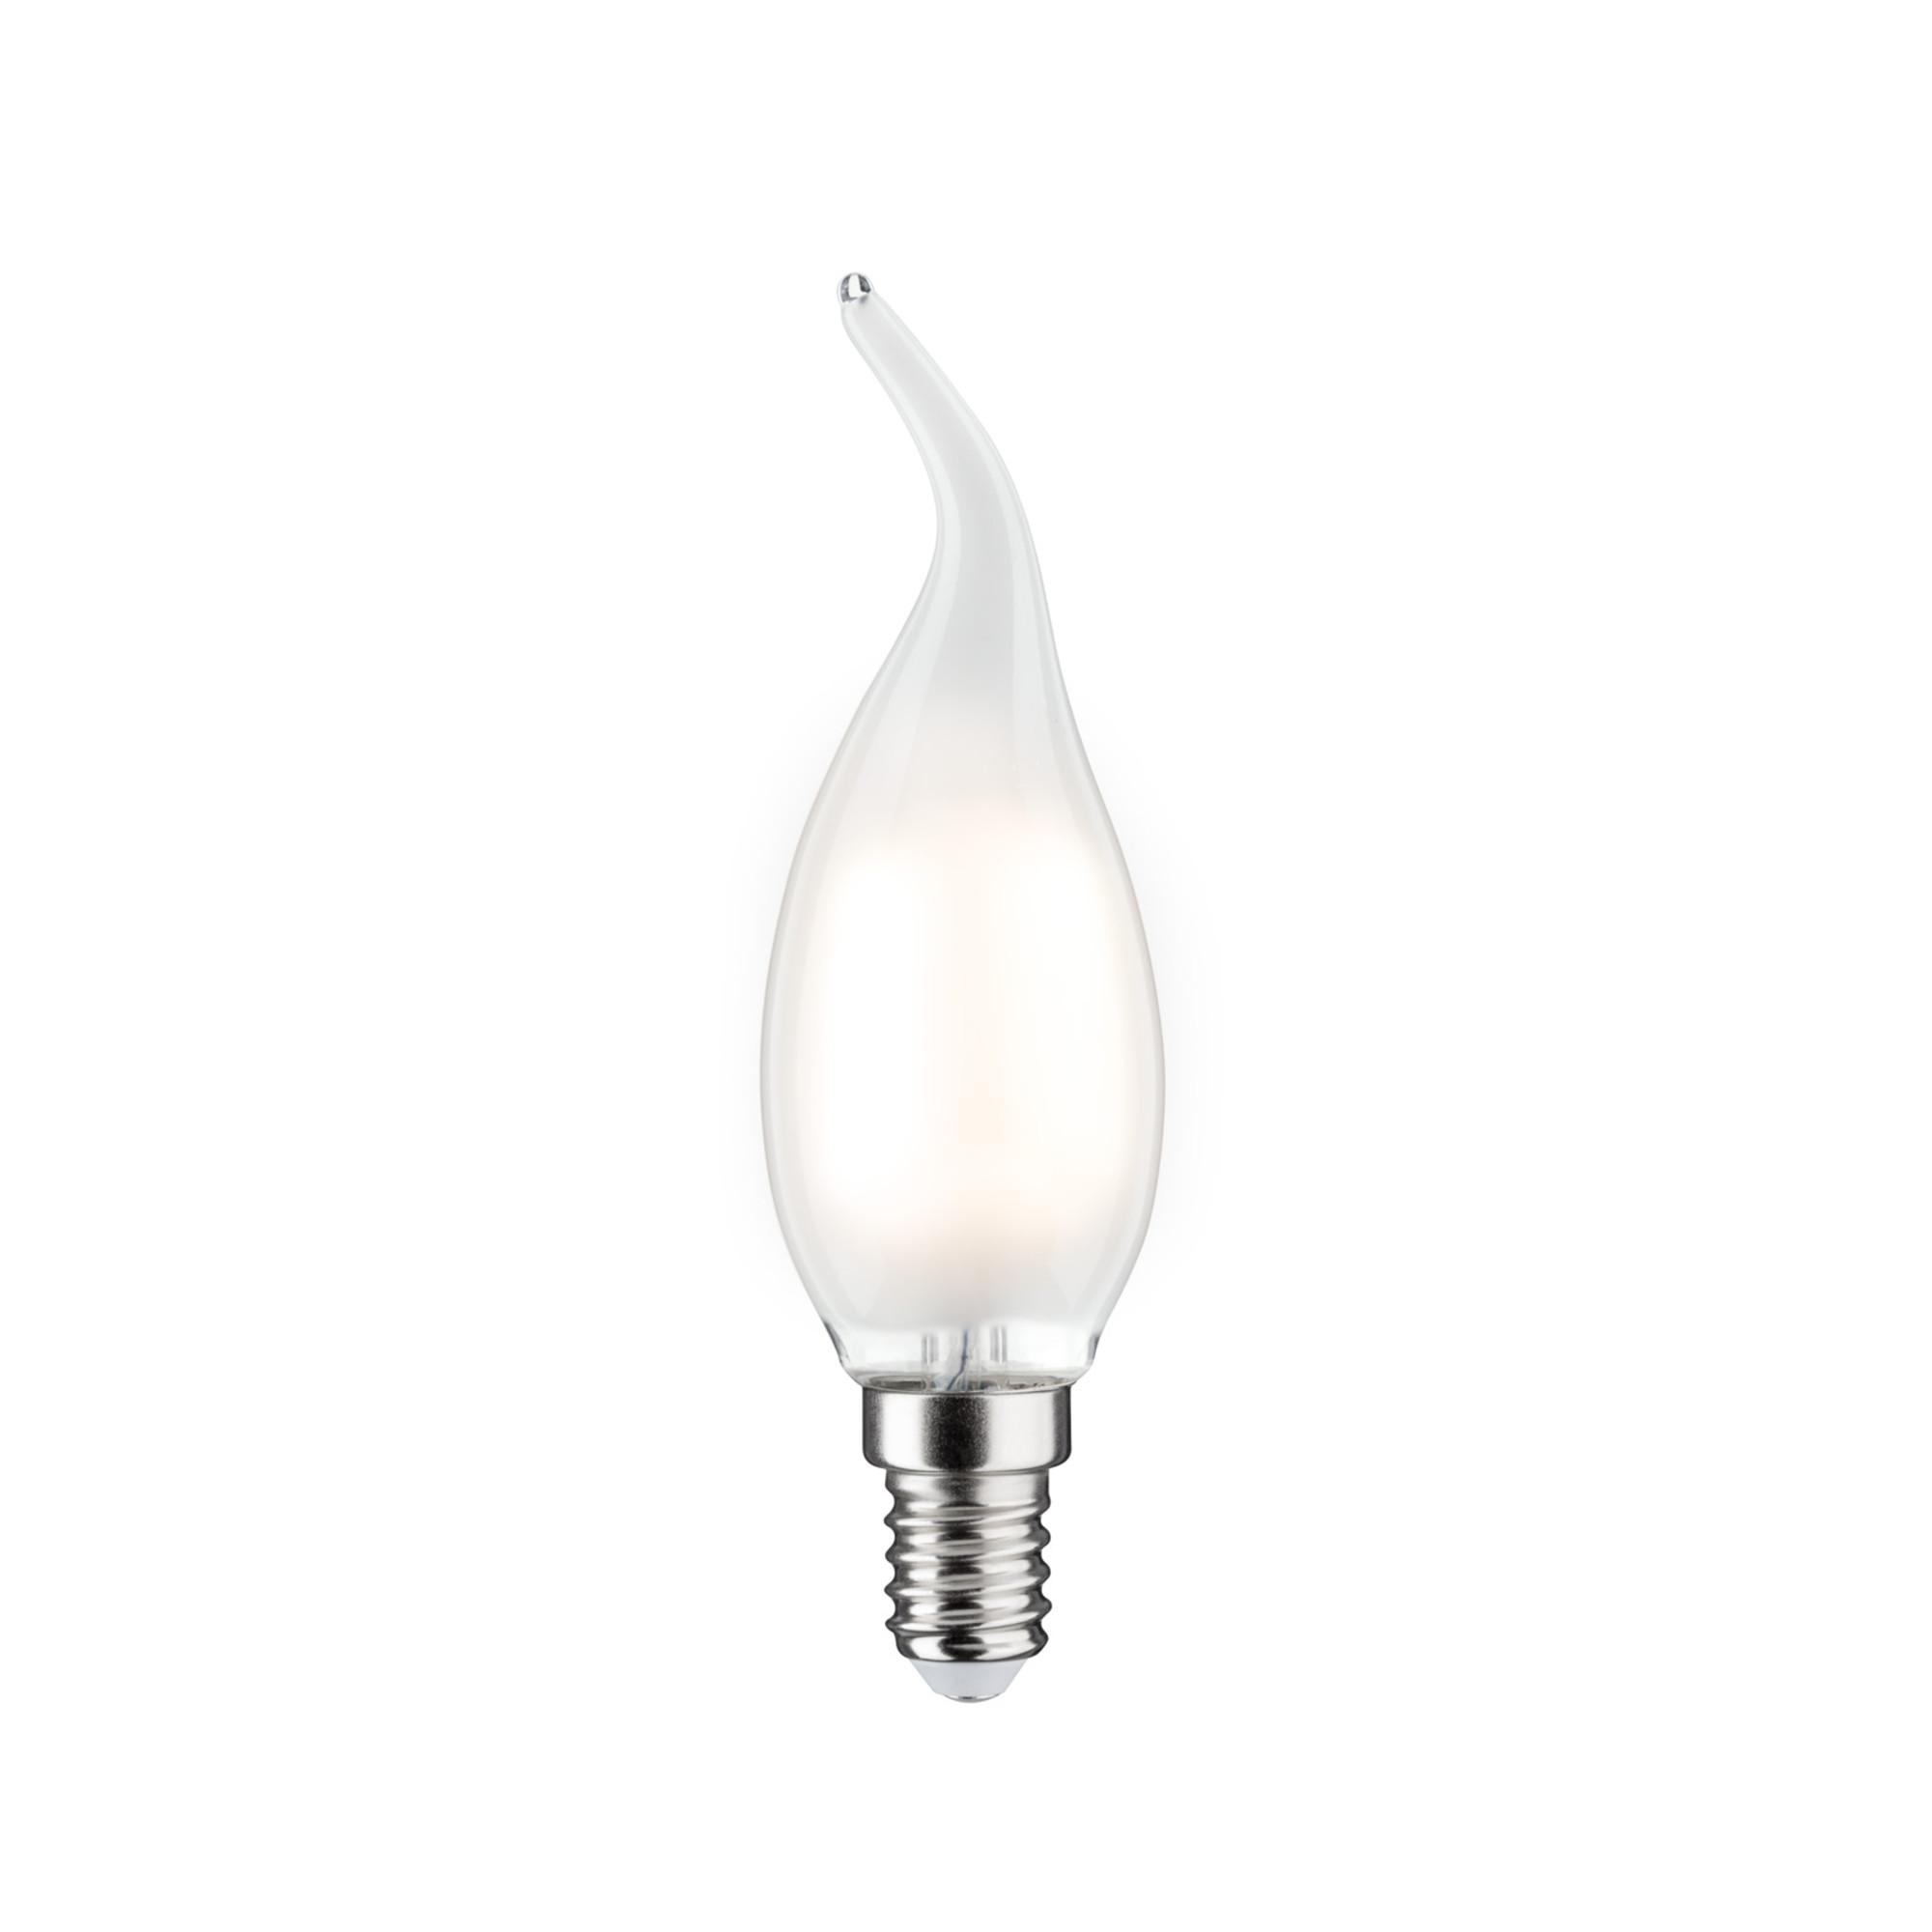 Лампа филаментная Paulmann Ретро Свеча на ветру 4.5Вт 470лм 2700К Е14 230В Сатин Регулируемая яркость 28492.